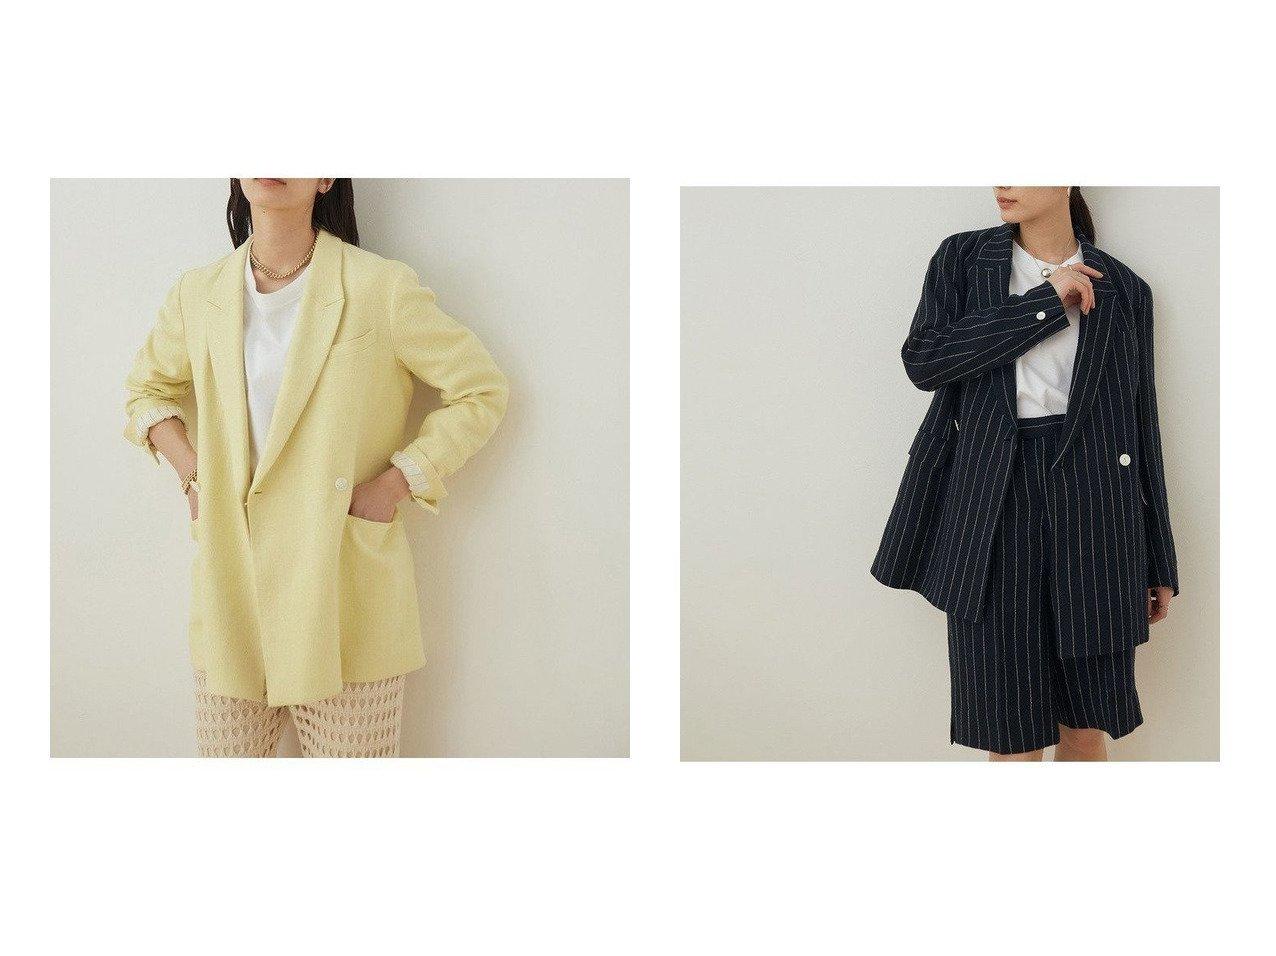 【ADAM ET ROPE'/アダム エ ロペ】の【セットアップ対応】リネンダブルジャケット 【アウター】おすすめ!人気、トレンド・レディースファッションの通販  おすすめで人気の流行・トレンド、ファッションの通販商品 メンズファッション・キッズファッション・インテリア・家具・レディースファッション・服の通販 founy(ファニー) https://founy.com/ ファッション Fashion レディースファッション WOMEN アウター Coat Outerwear ジャケット Jackets テーラードジャケット Tailored Jackets イエロー 春 Spring カッティング サンダル ジャケット ストライプ セットアップ タンブラー ダブル テーラード トレンド ハーフ ポケット 別注 無地 リネン 2021年 2021 S/S・春夏 SS・Spring/Summer 2021春夏・S/S SS/Spring/Summer/2021 NEW・新作・新着・新入荷 New Arrivals おすすめ Recommend |ID:crp329100000032167